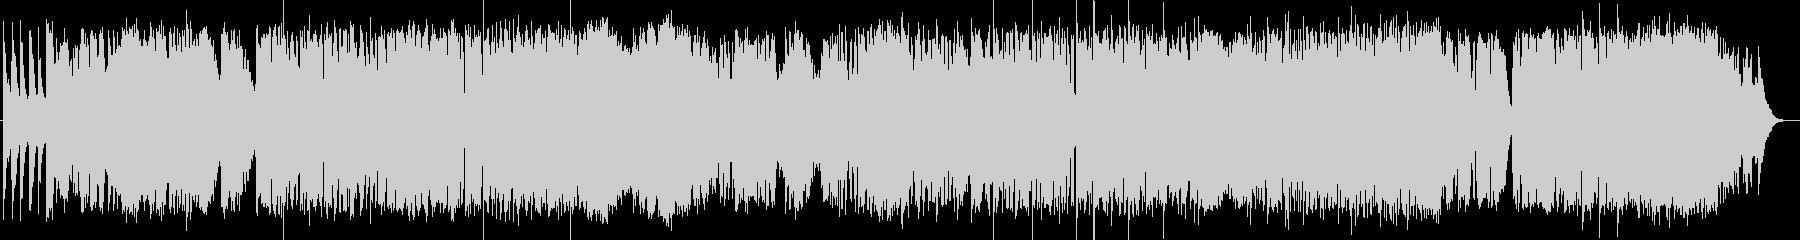 英語洋楽:後期ビートルズ・牧歌風プログレの未再生の波形